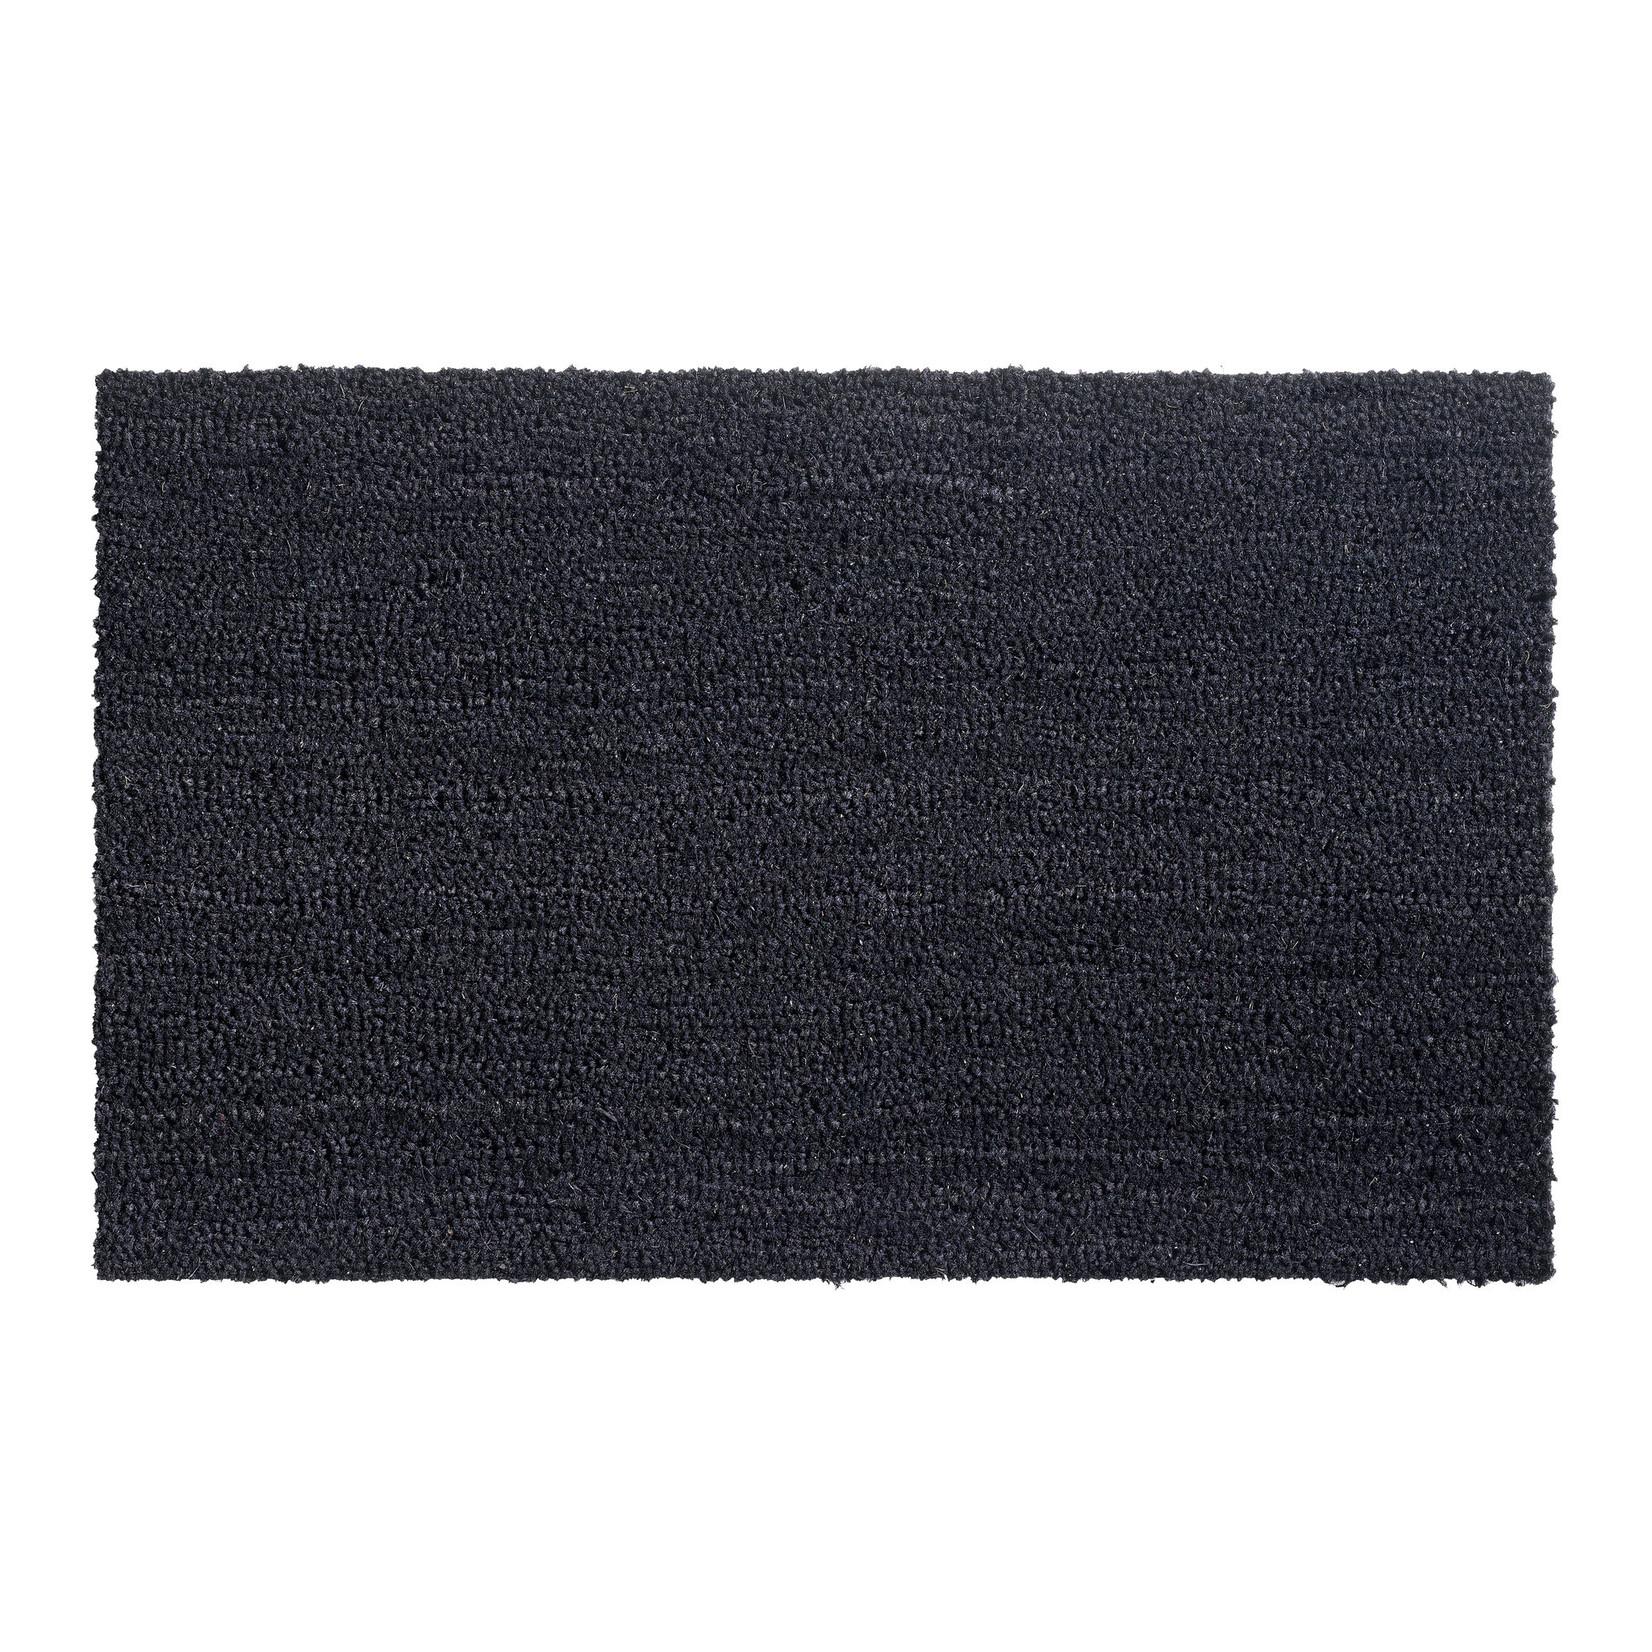 Hamat Kokosmat 50x80cm Zwart